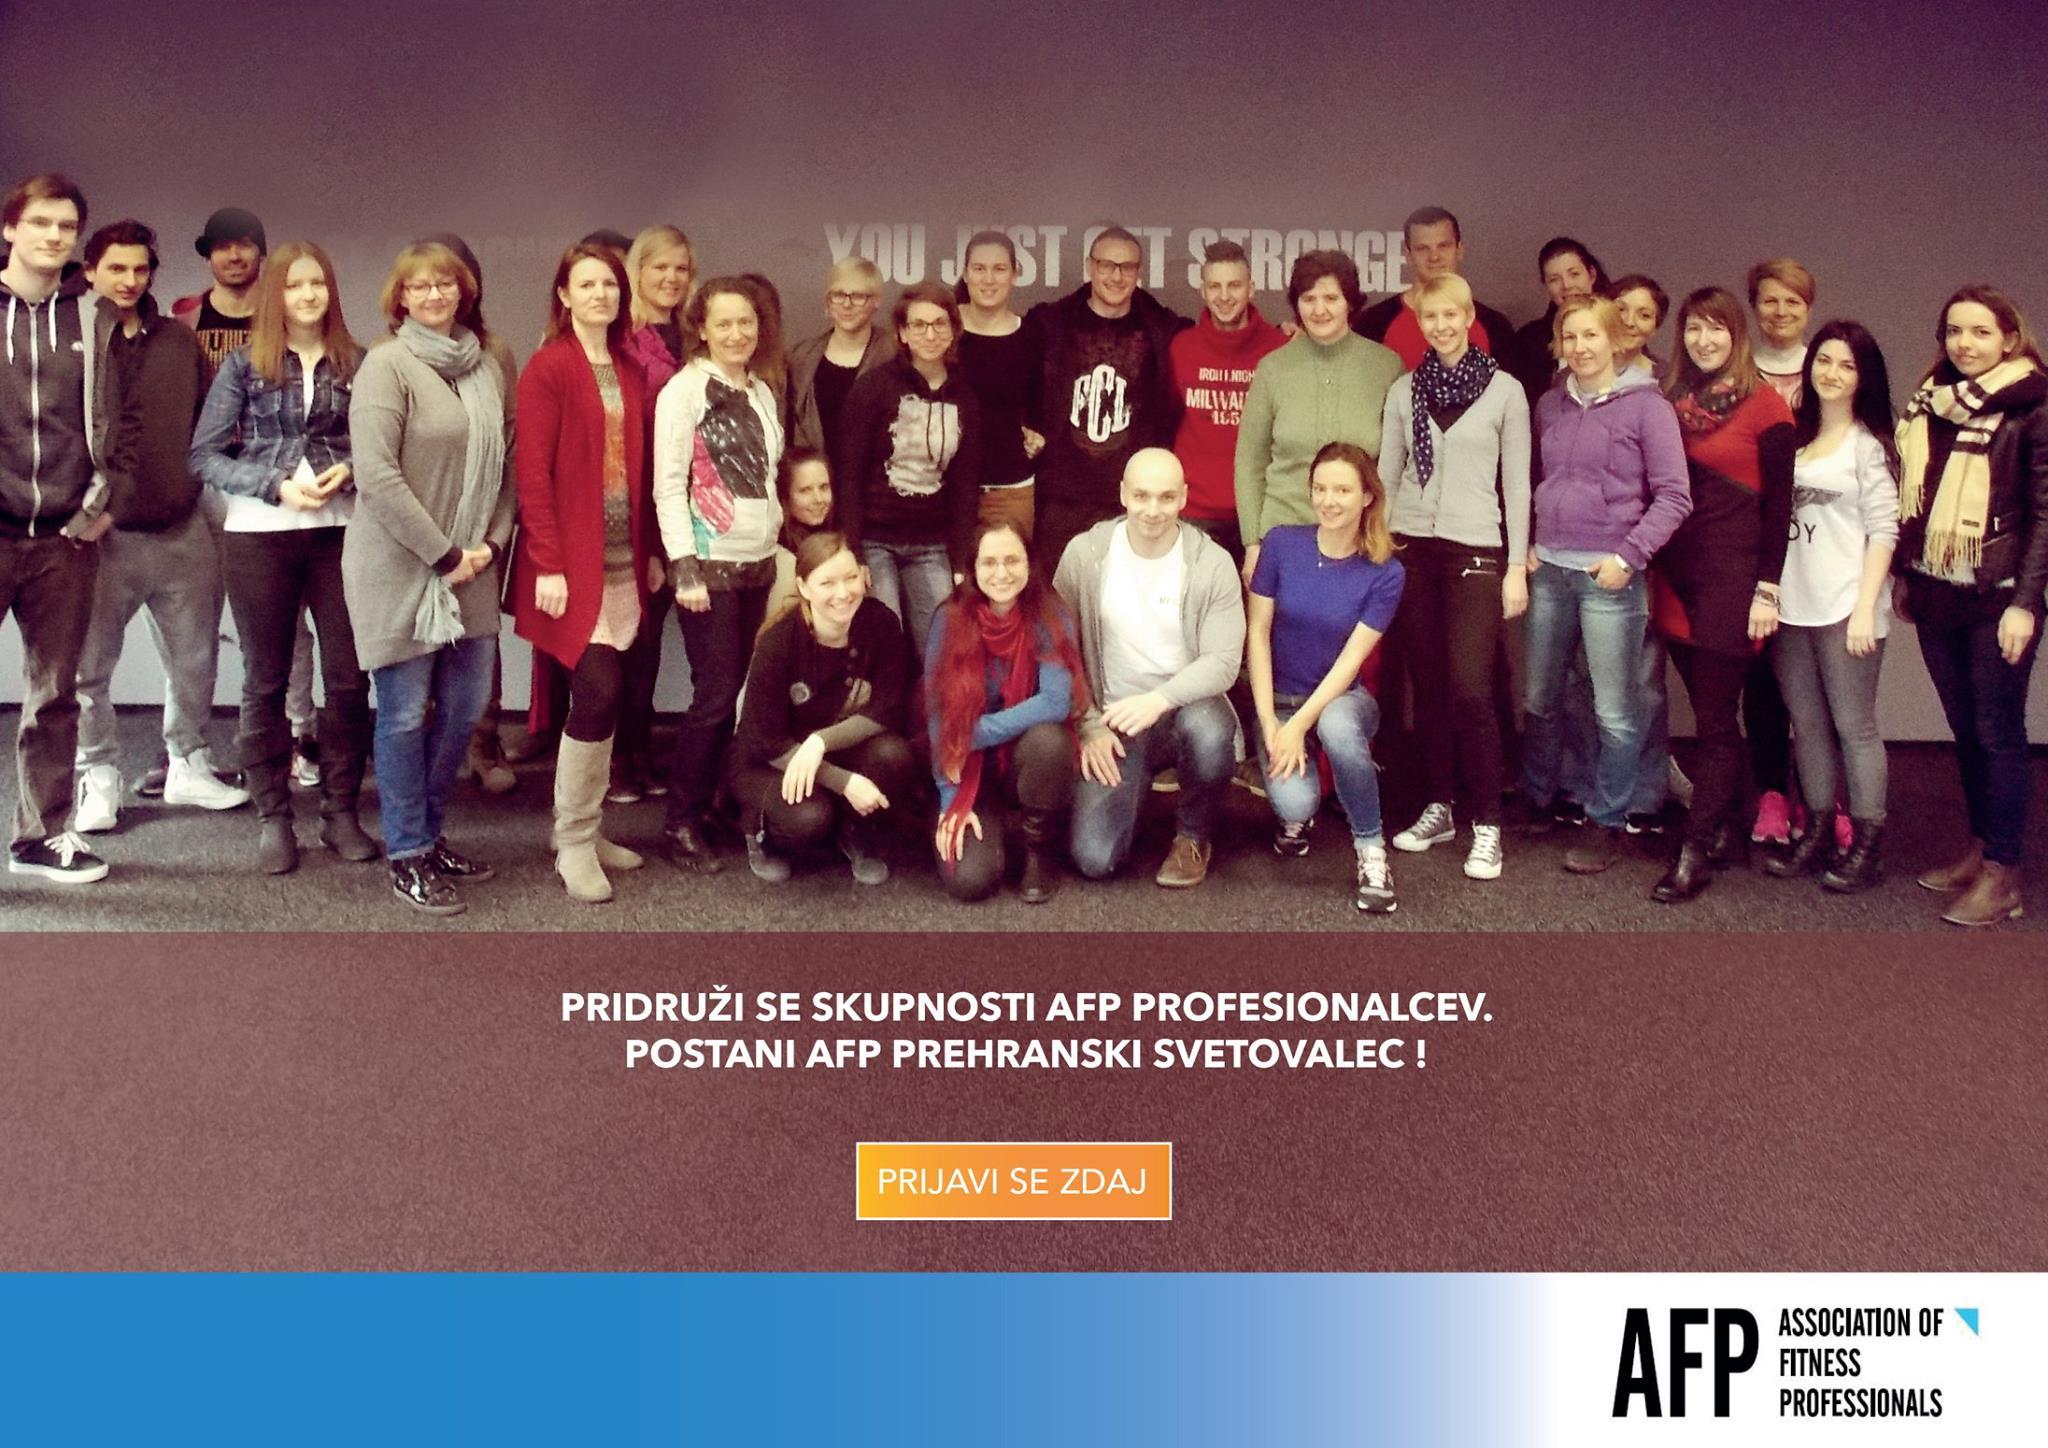 AFP Izobraževanje prehranski svetovalec ali kako sem to postala tudi jaz